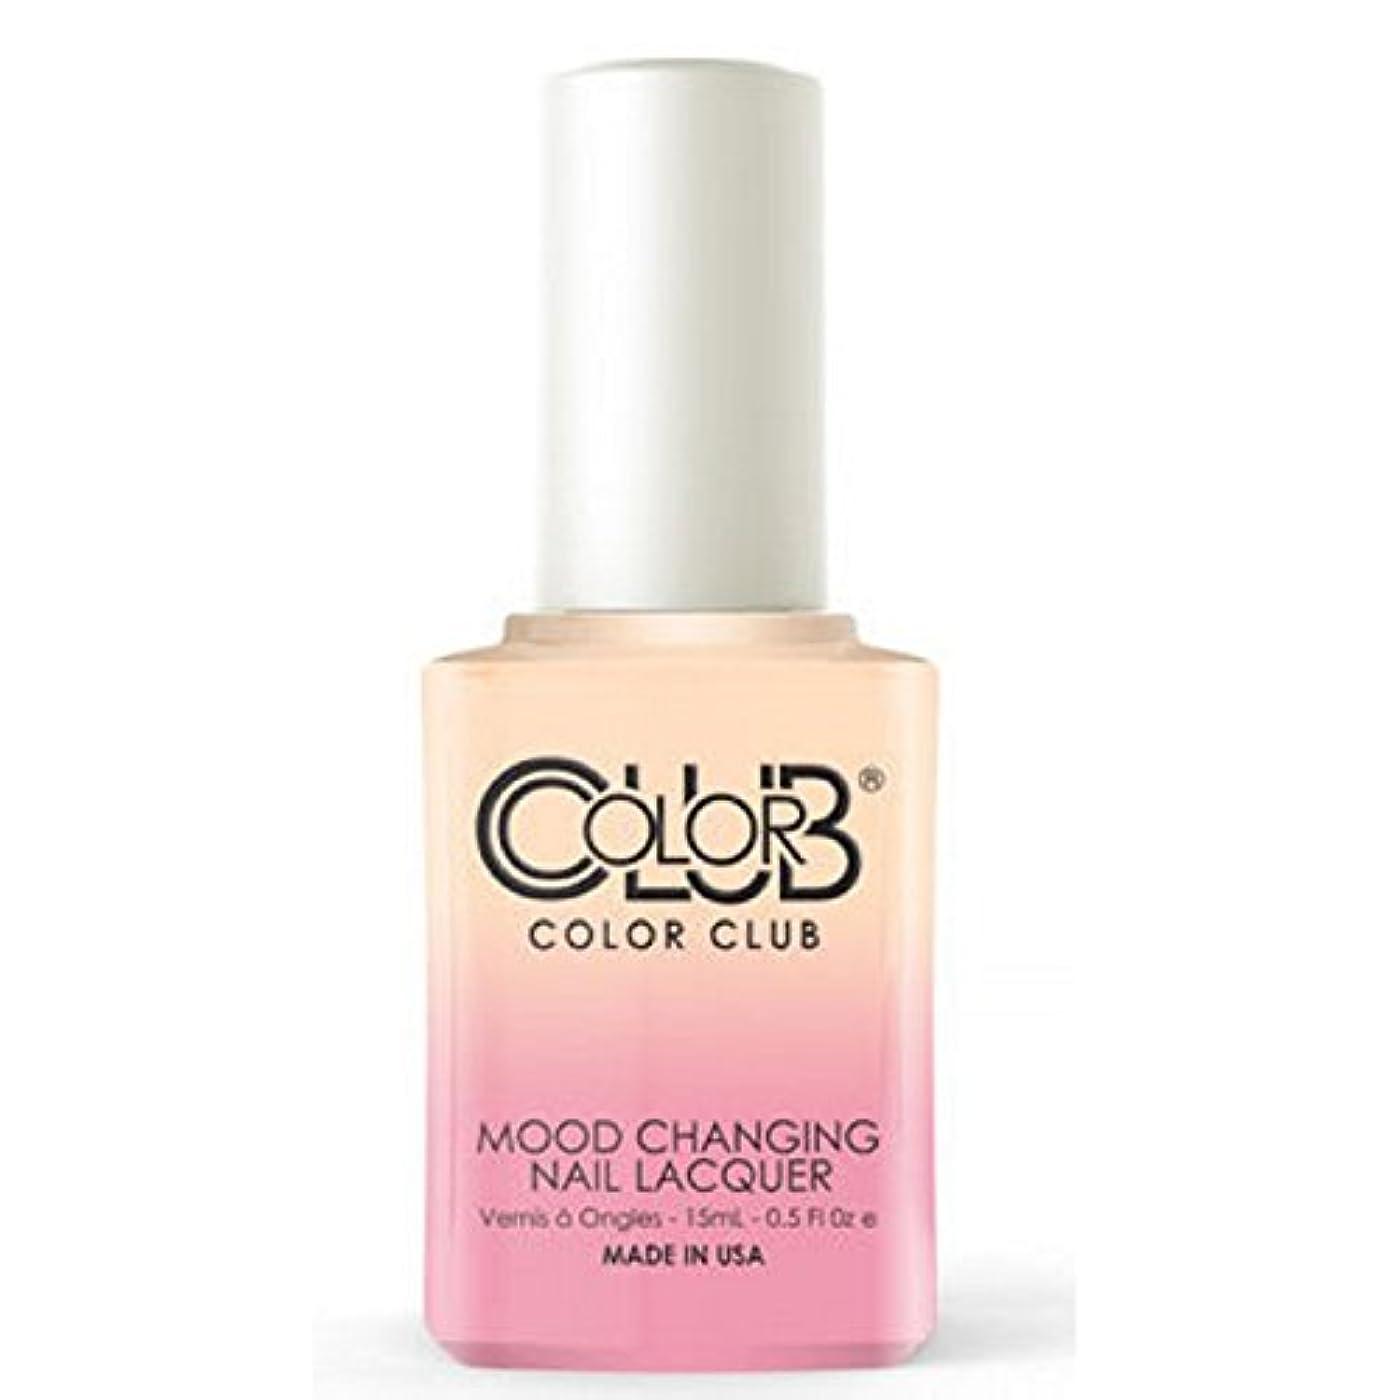 有効化塊強風Color Club Mood Changing Nail Lacquer - Old Soul - 15 mL / 0.5 fl oz